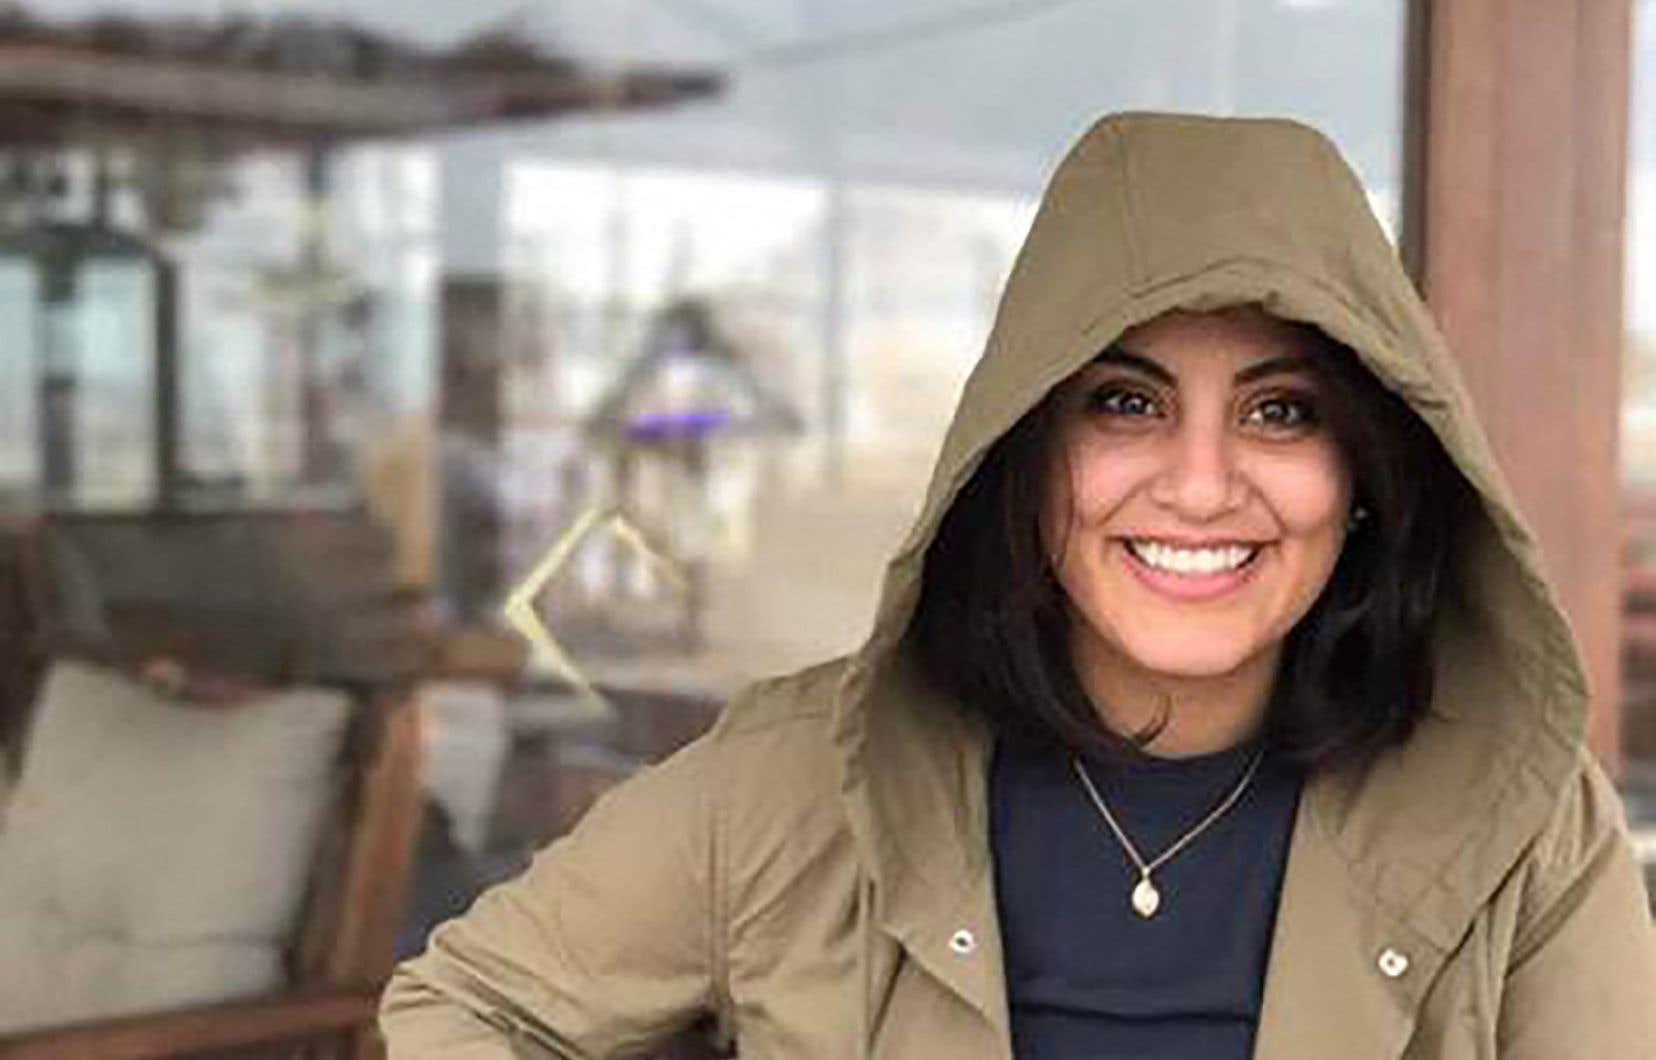 Loujain al-Hathloul a été arrêtée en mai 2018 aux côtés d'autres militantes qui réclamaient le droit pour les Saoudiennes de conduire une voiture.